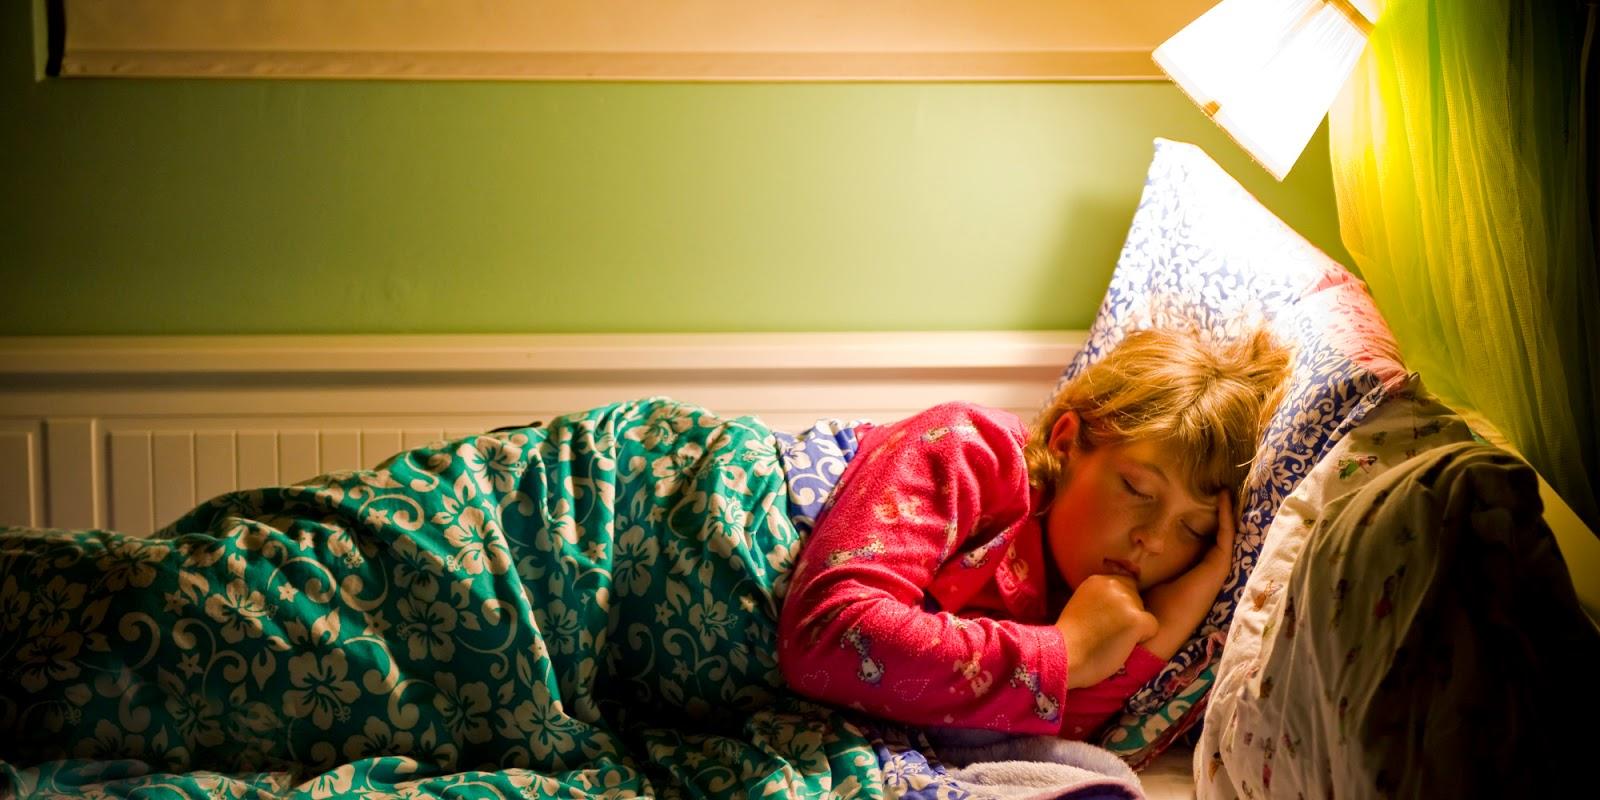 Tidur Dengan Lampu Menyala Ternyata Berbahaya